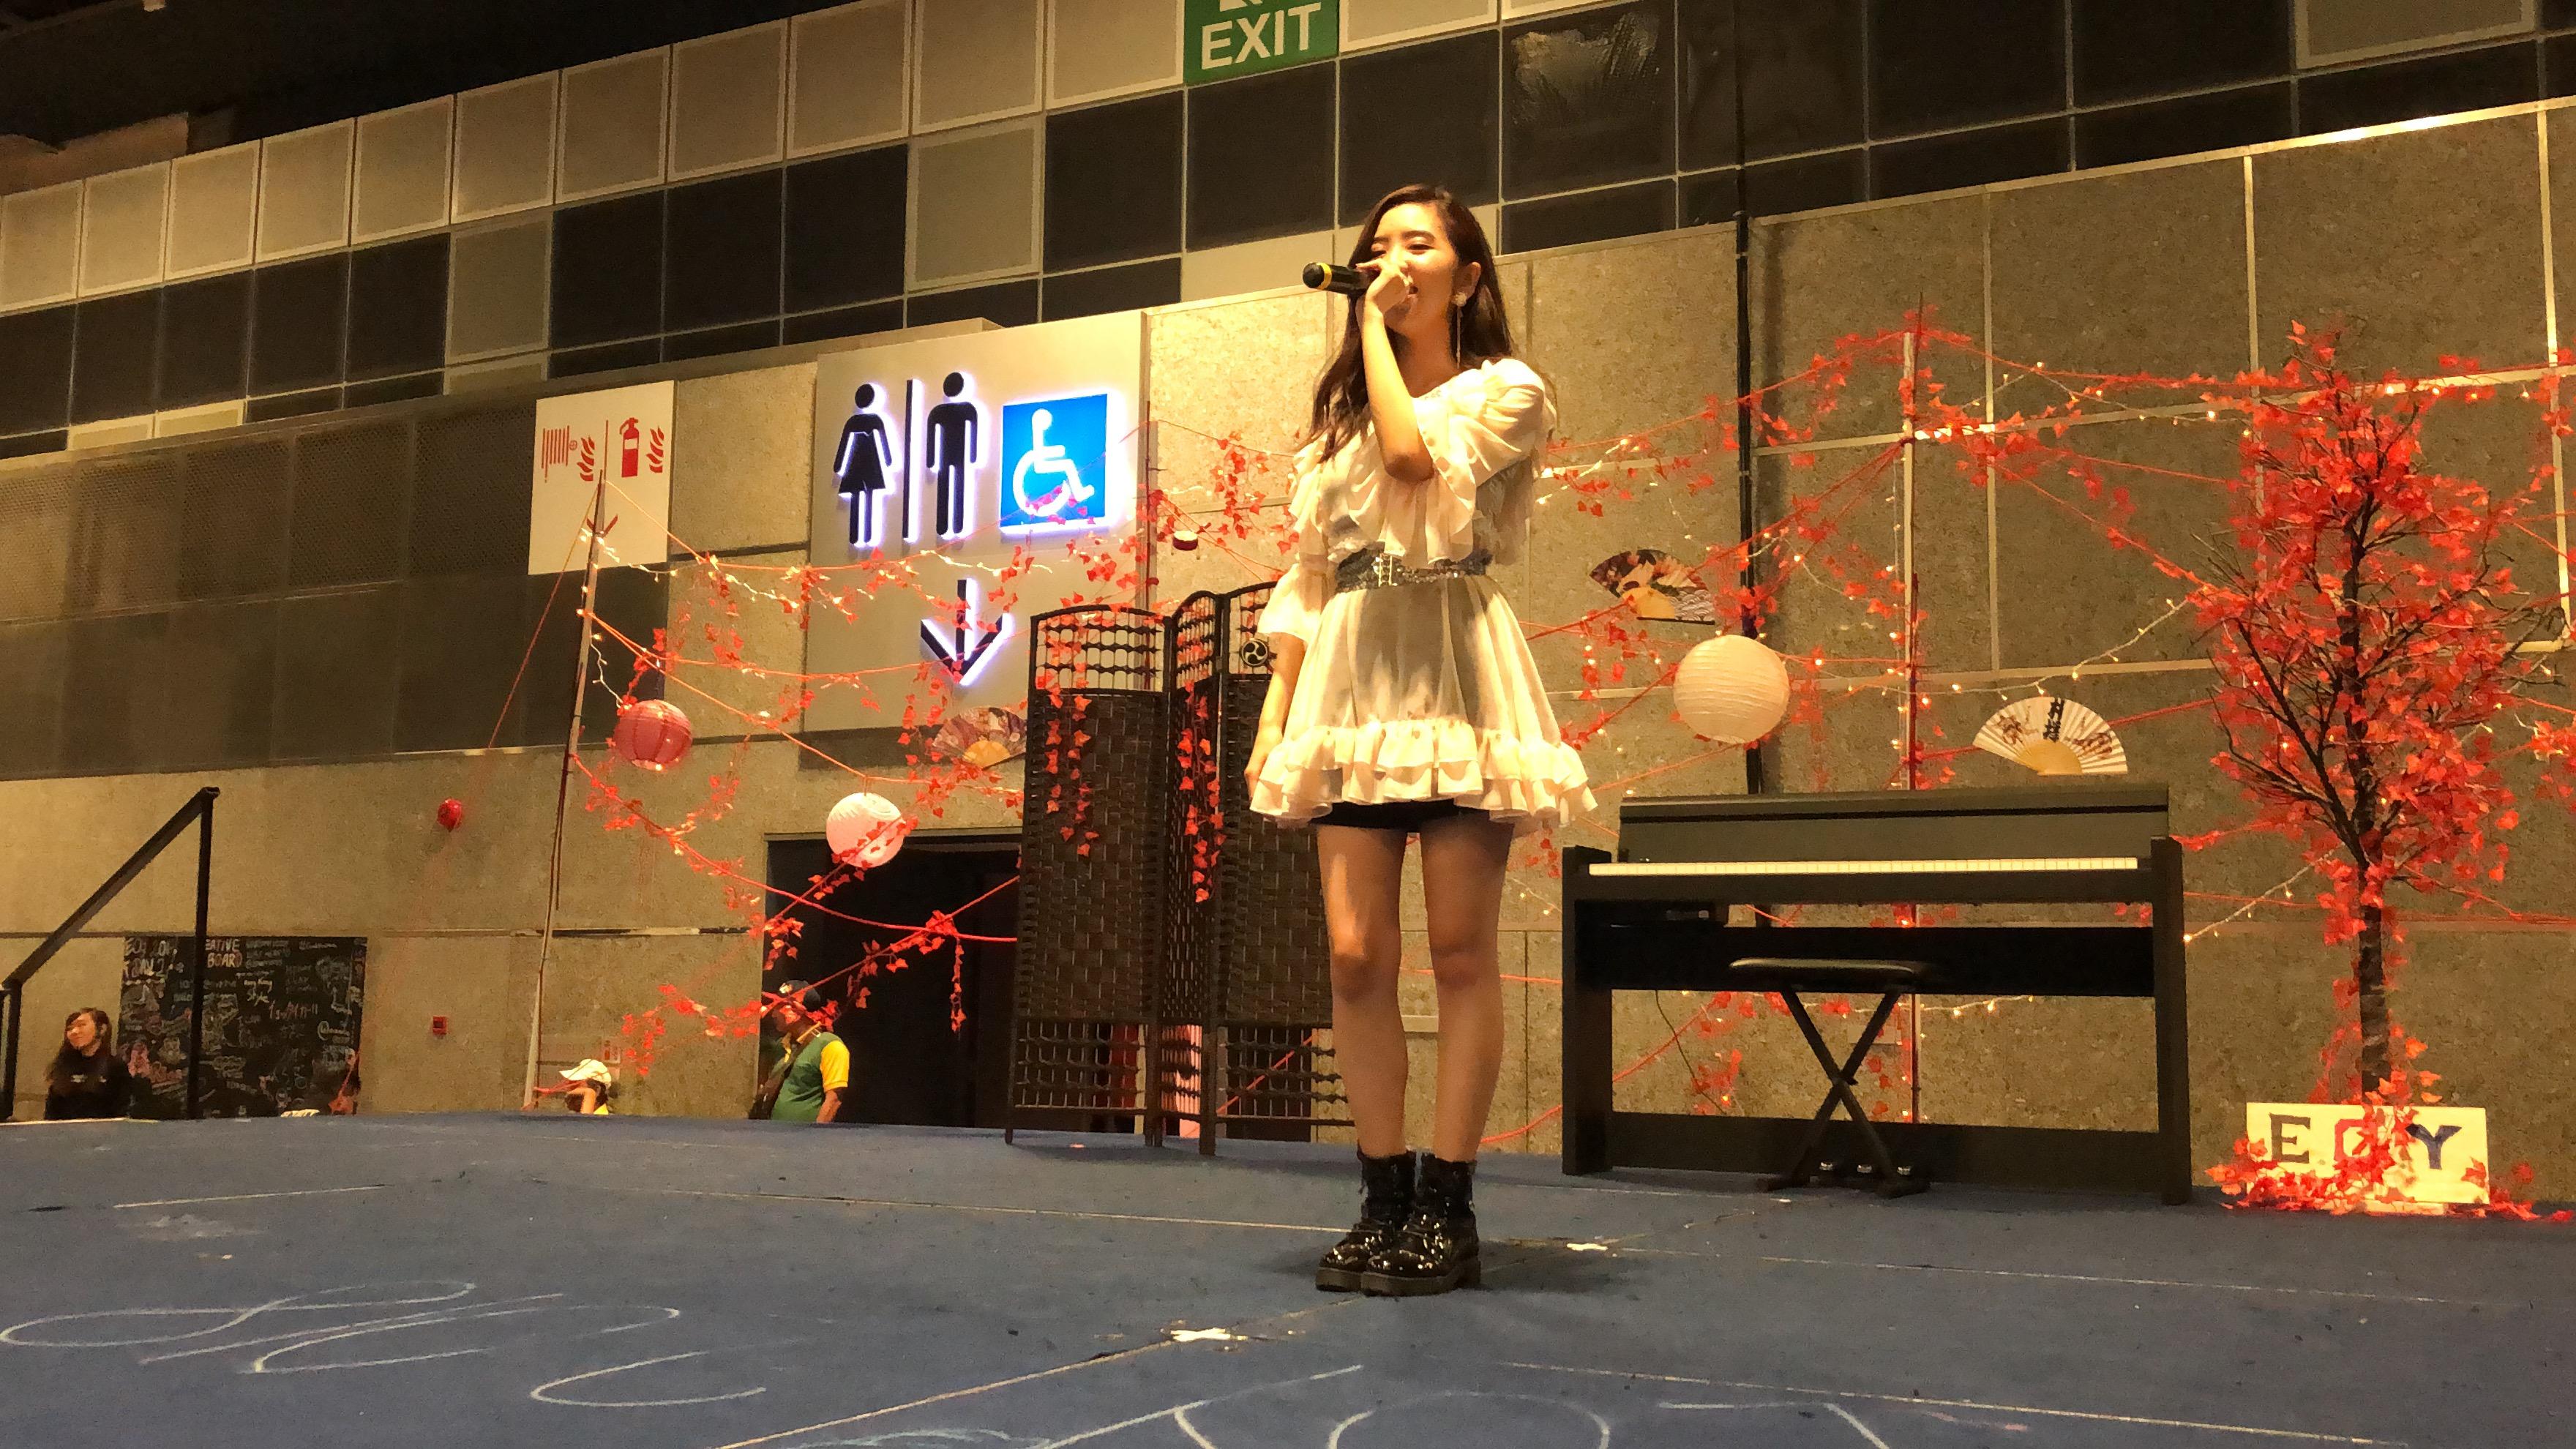 濵松里緒菜のステージ